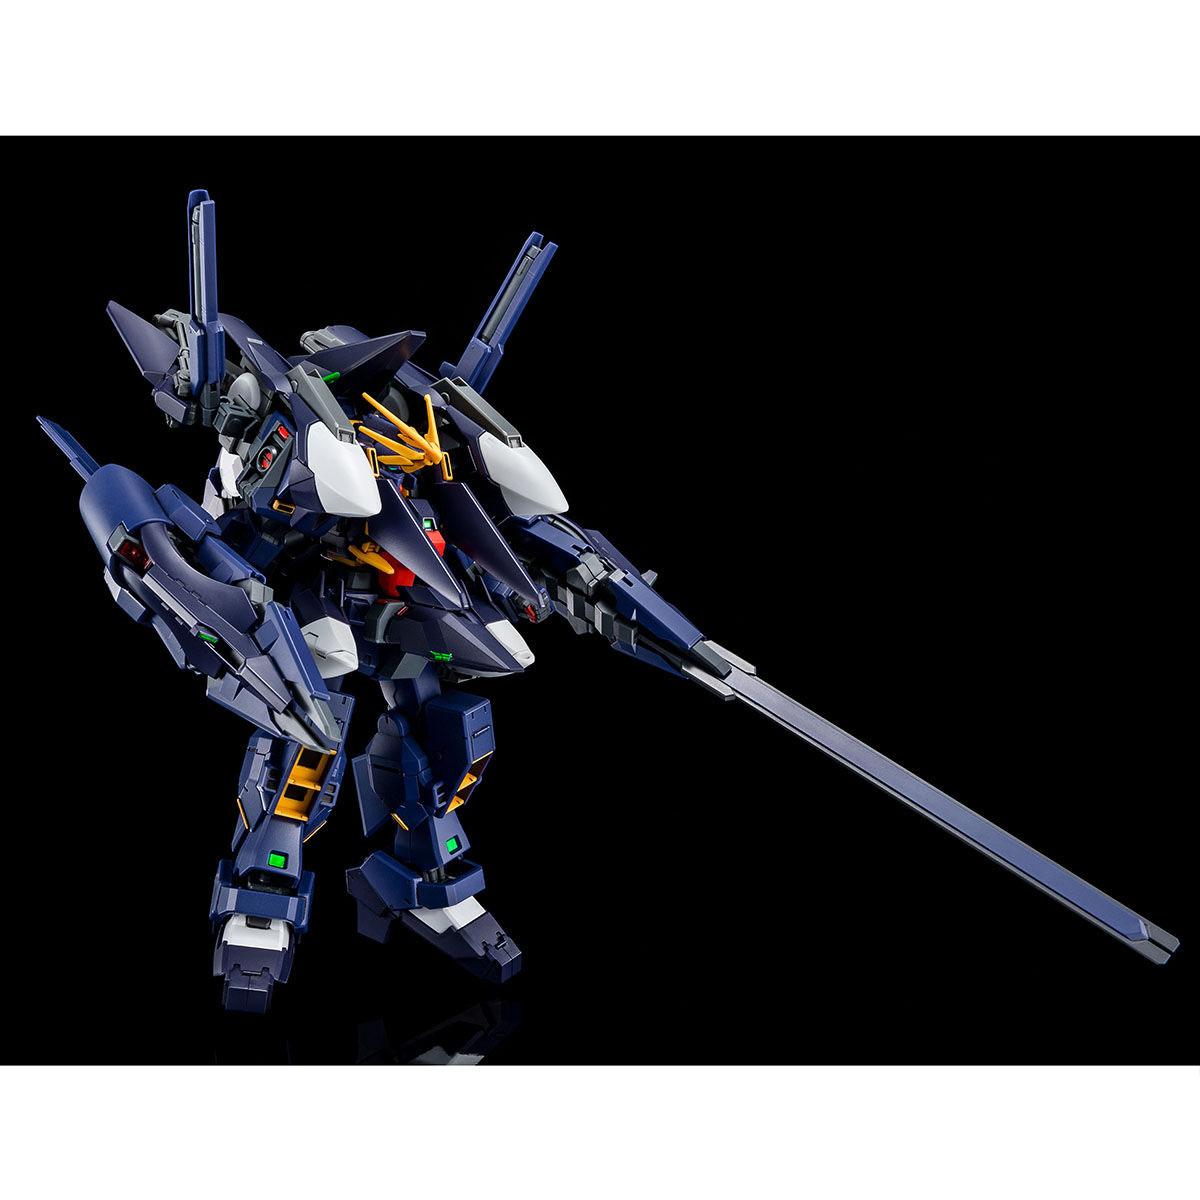 【限定販売】HG 1/144『ガンダムTR-1[ハイゼンスレイ・ラーII]』プラモデル-004